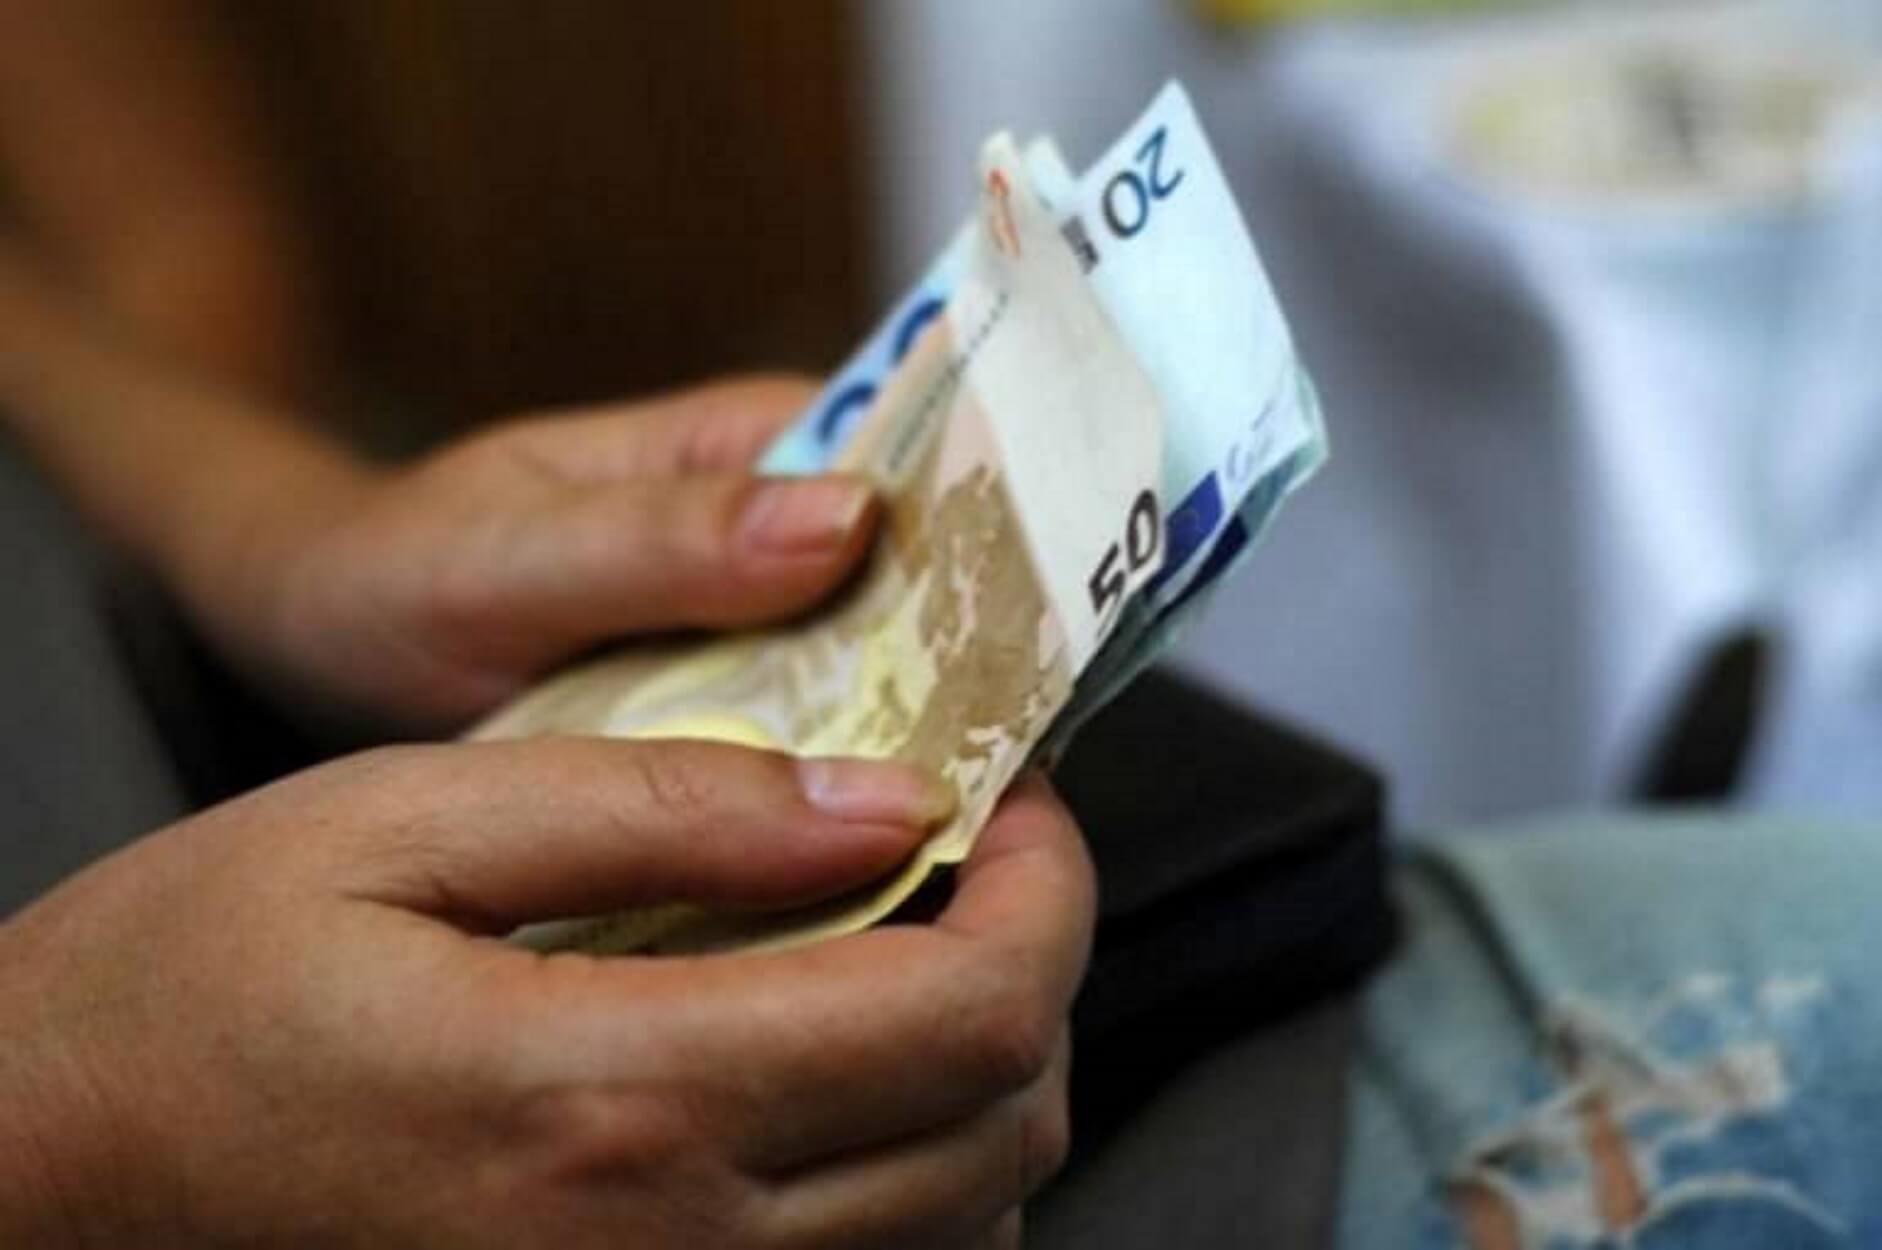 Επίδομα ενοικίου: Πότε θα γίνει η πληρωμή